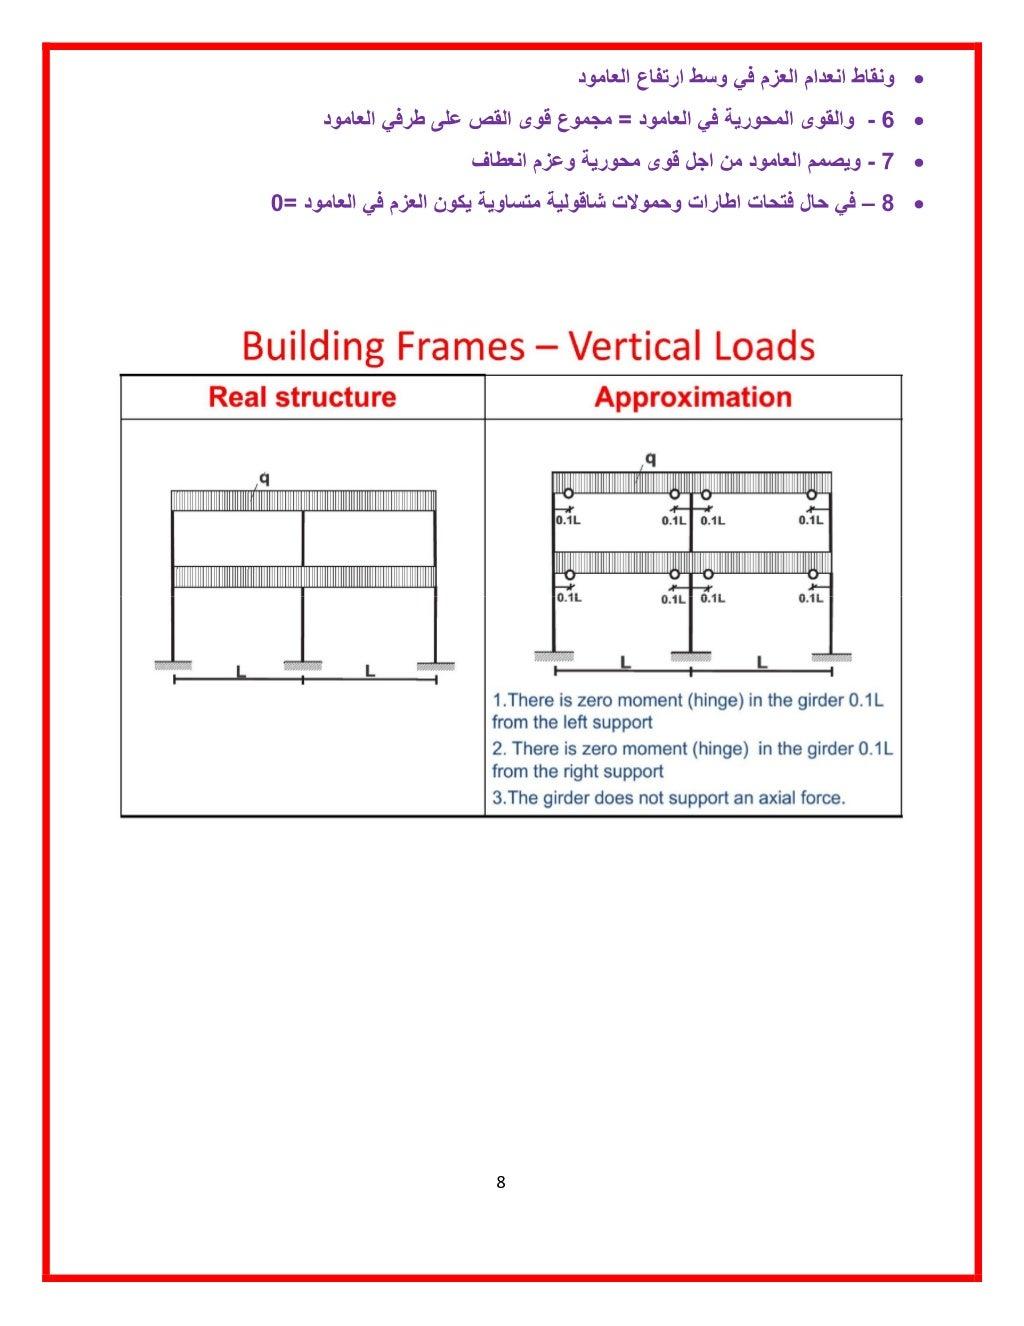 manual-designed-for-seismic-resistance-frames-moment-portals-method-8-1024.jpg